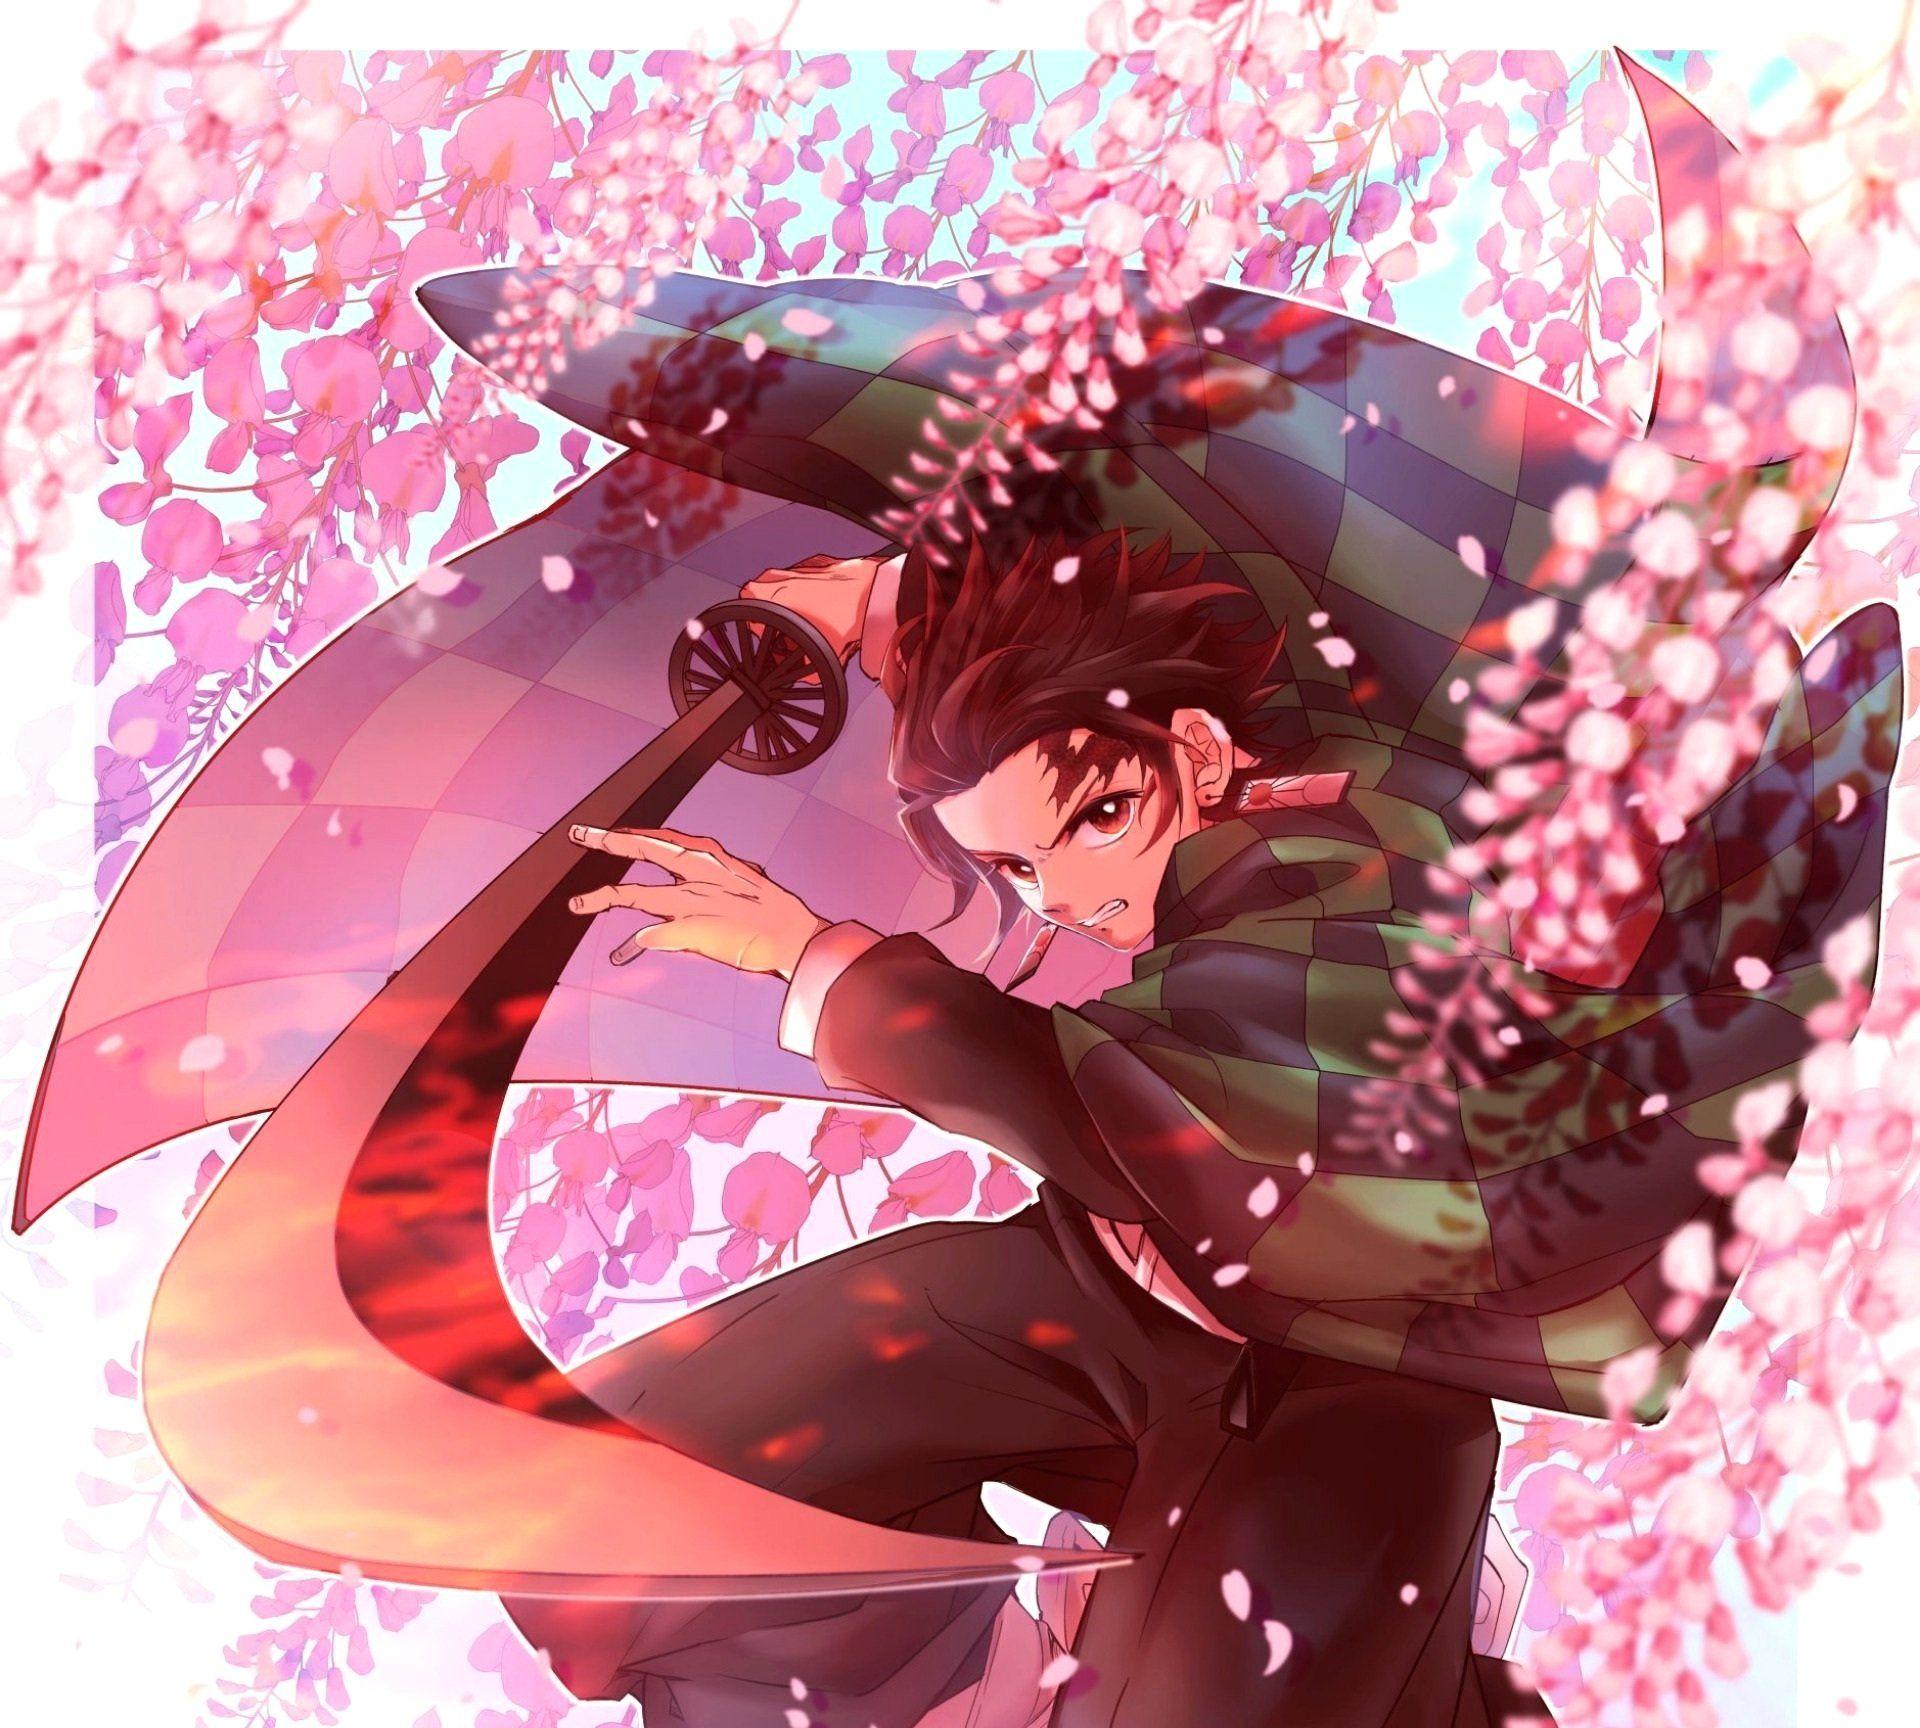 Beautiful Anime Demon Slayer Kimetsu No Yaiba Tanjirou Kamado Anime Demon Slayer Anime Anime